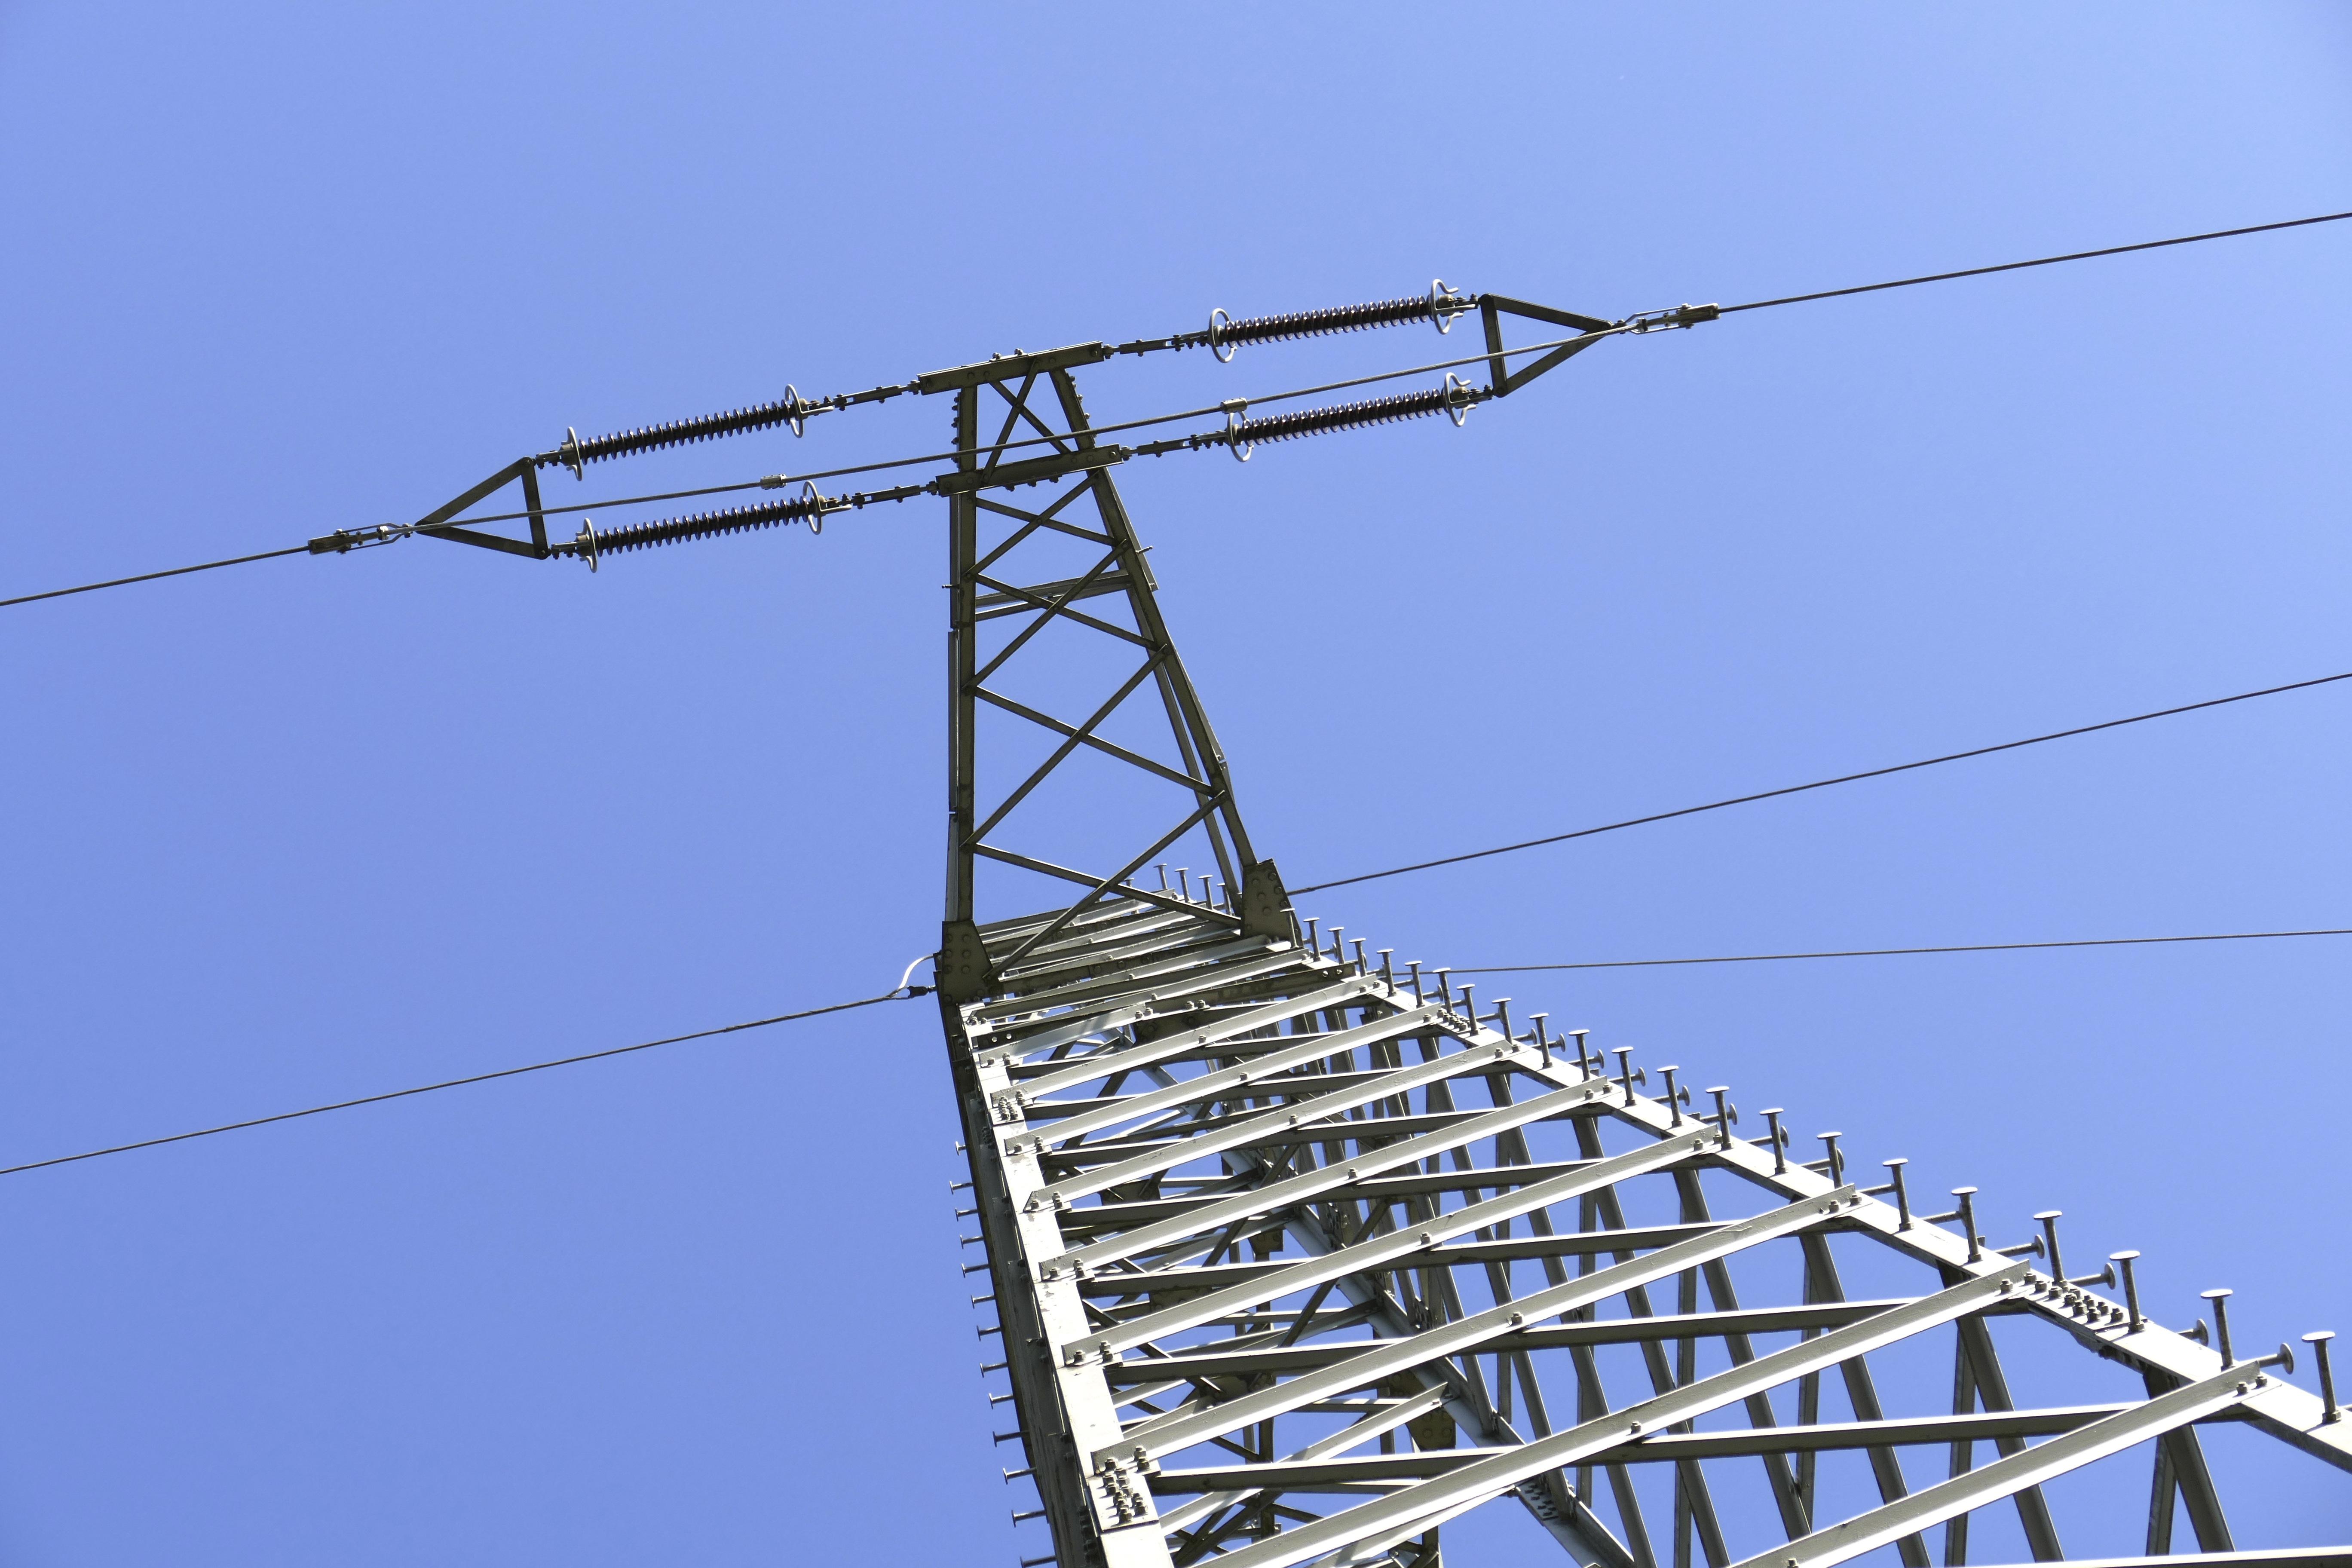 Fotos gratis : viento, línea, torre, Línea eléctrica, mástil ...